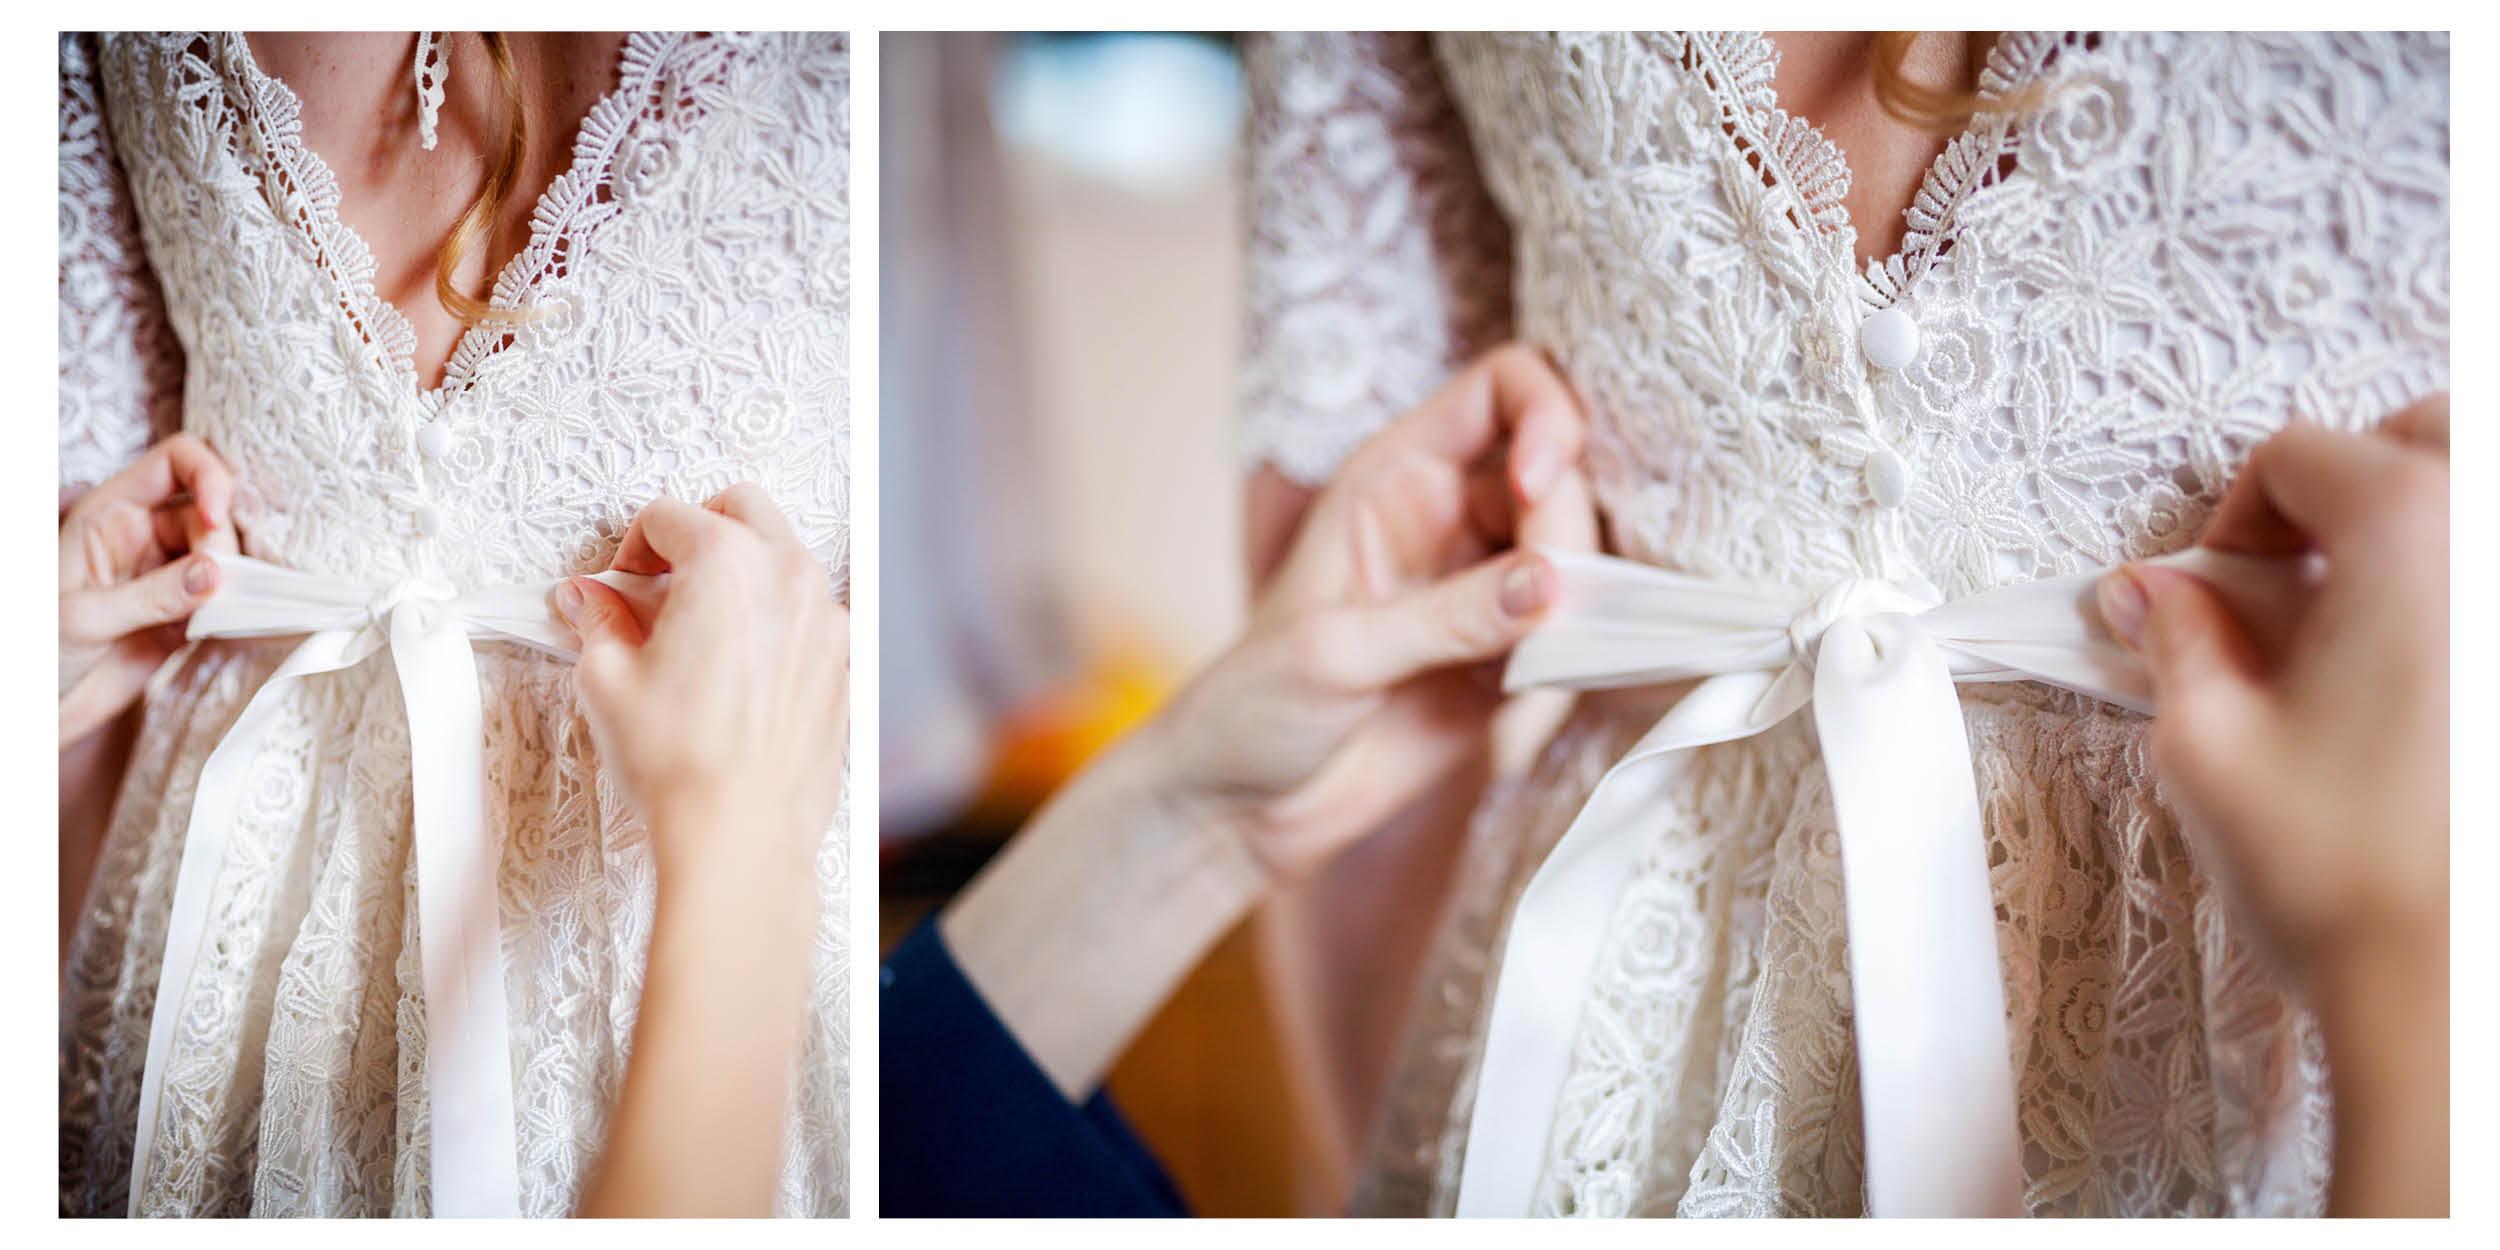 My Wedding Pictures Hochzeitsfotos Und Videos Anziehen Der Braut